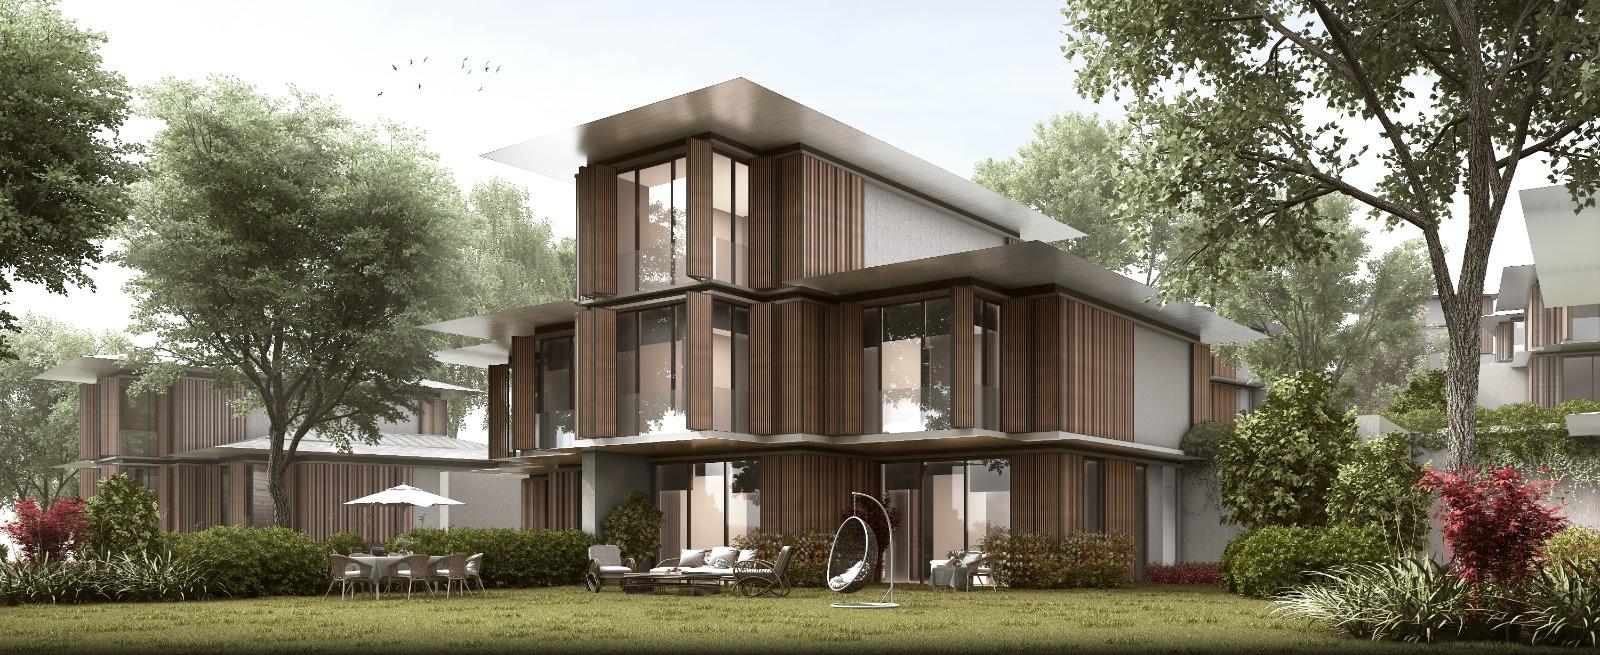 Эксклюзивный проект-комплекс вилл в Бейкоз - Фото 34